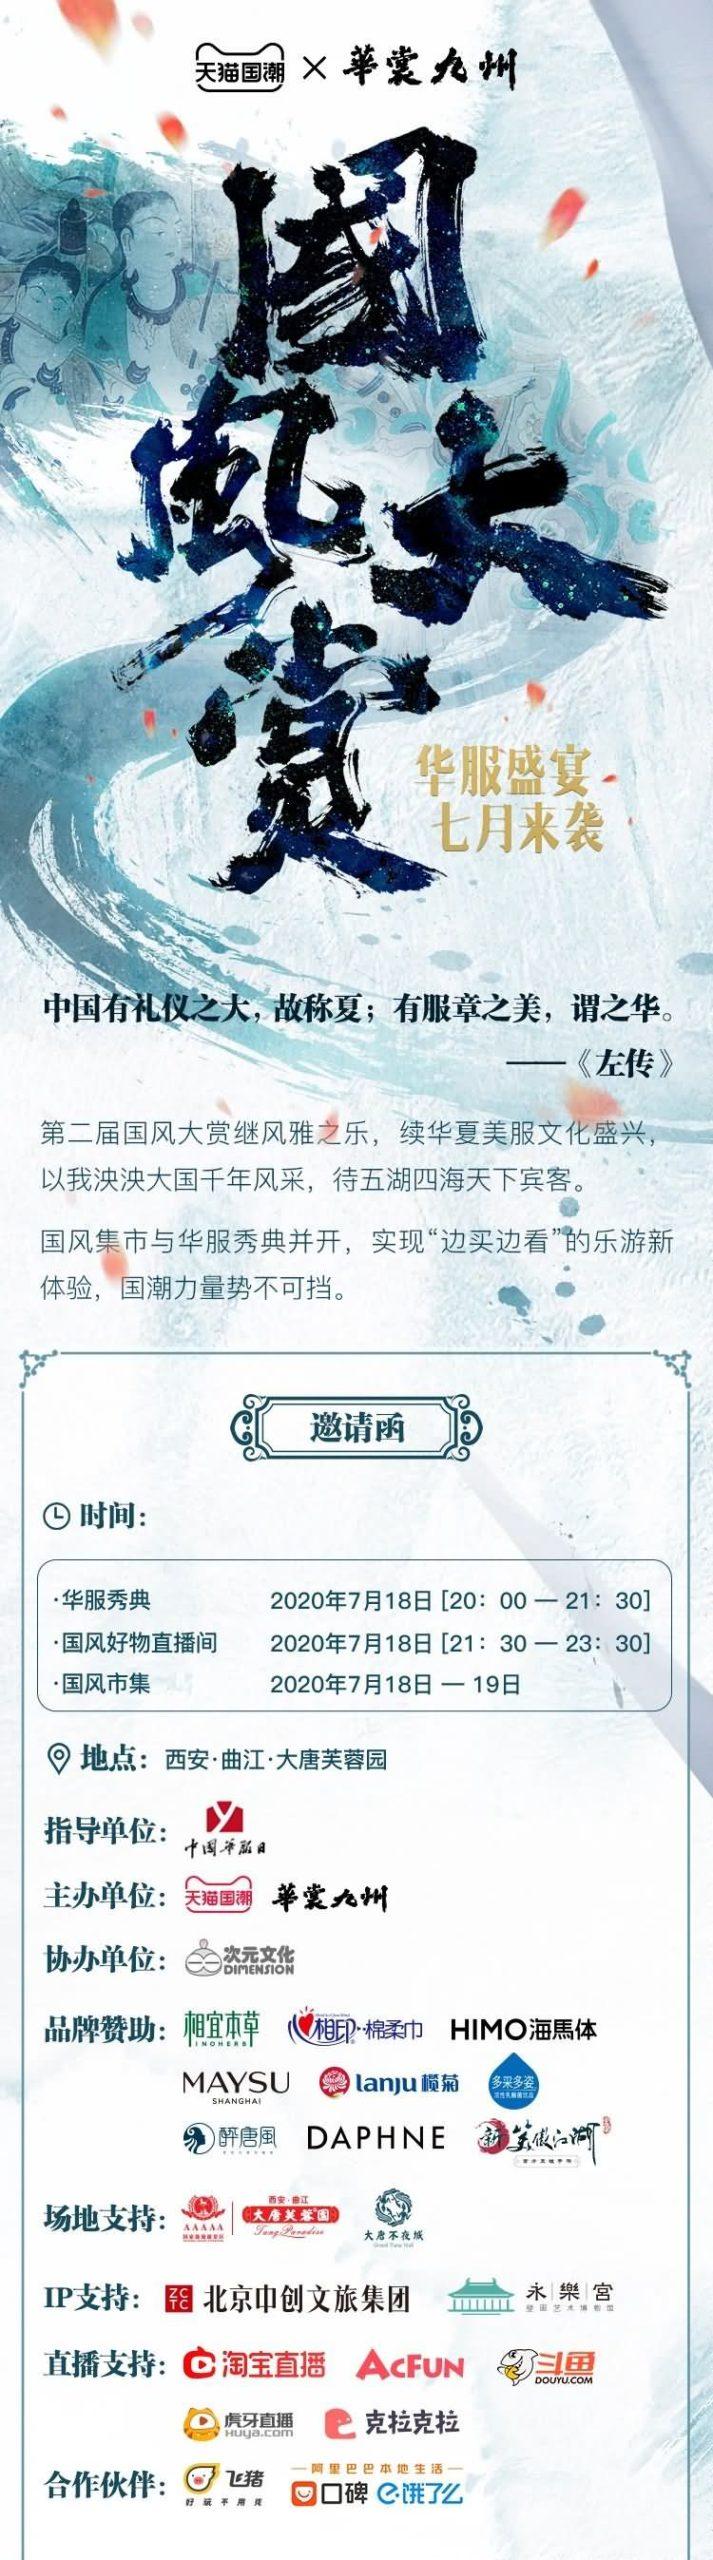 2020国风大赏|天猫国潮×华裳九州,718国风大赏官宣